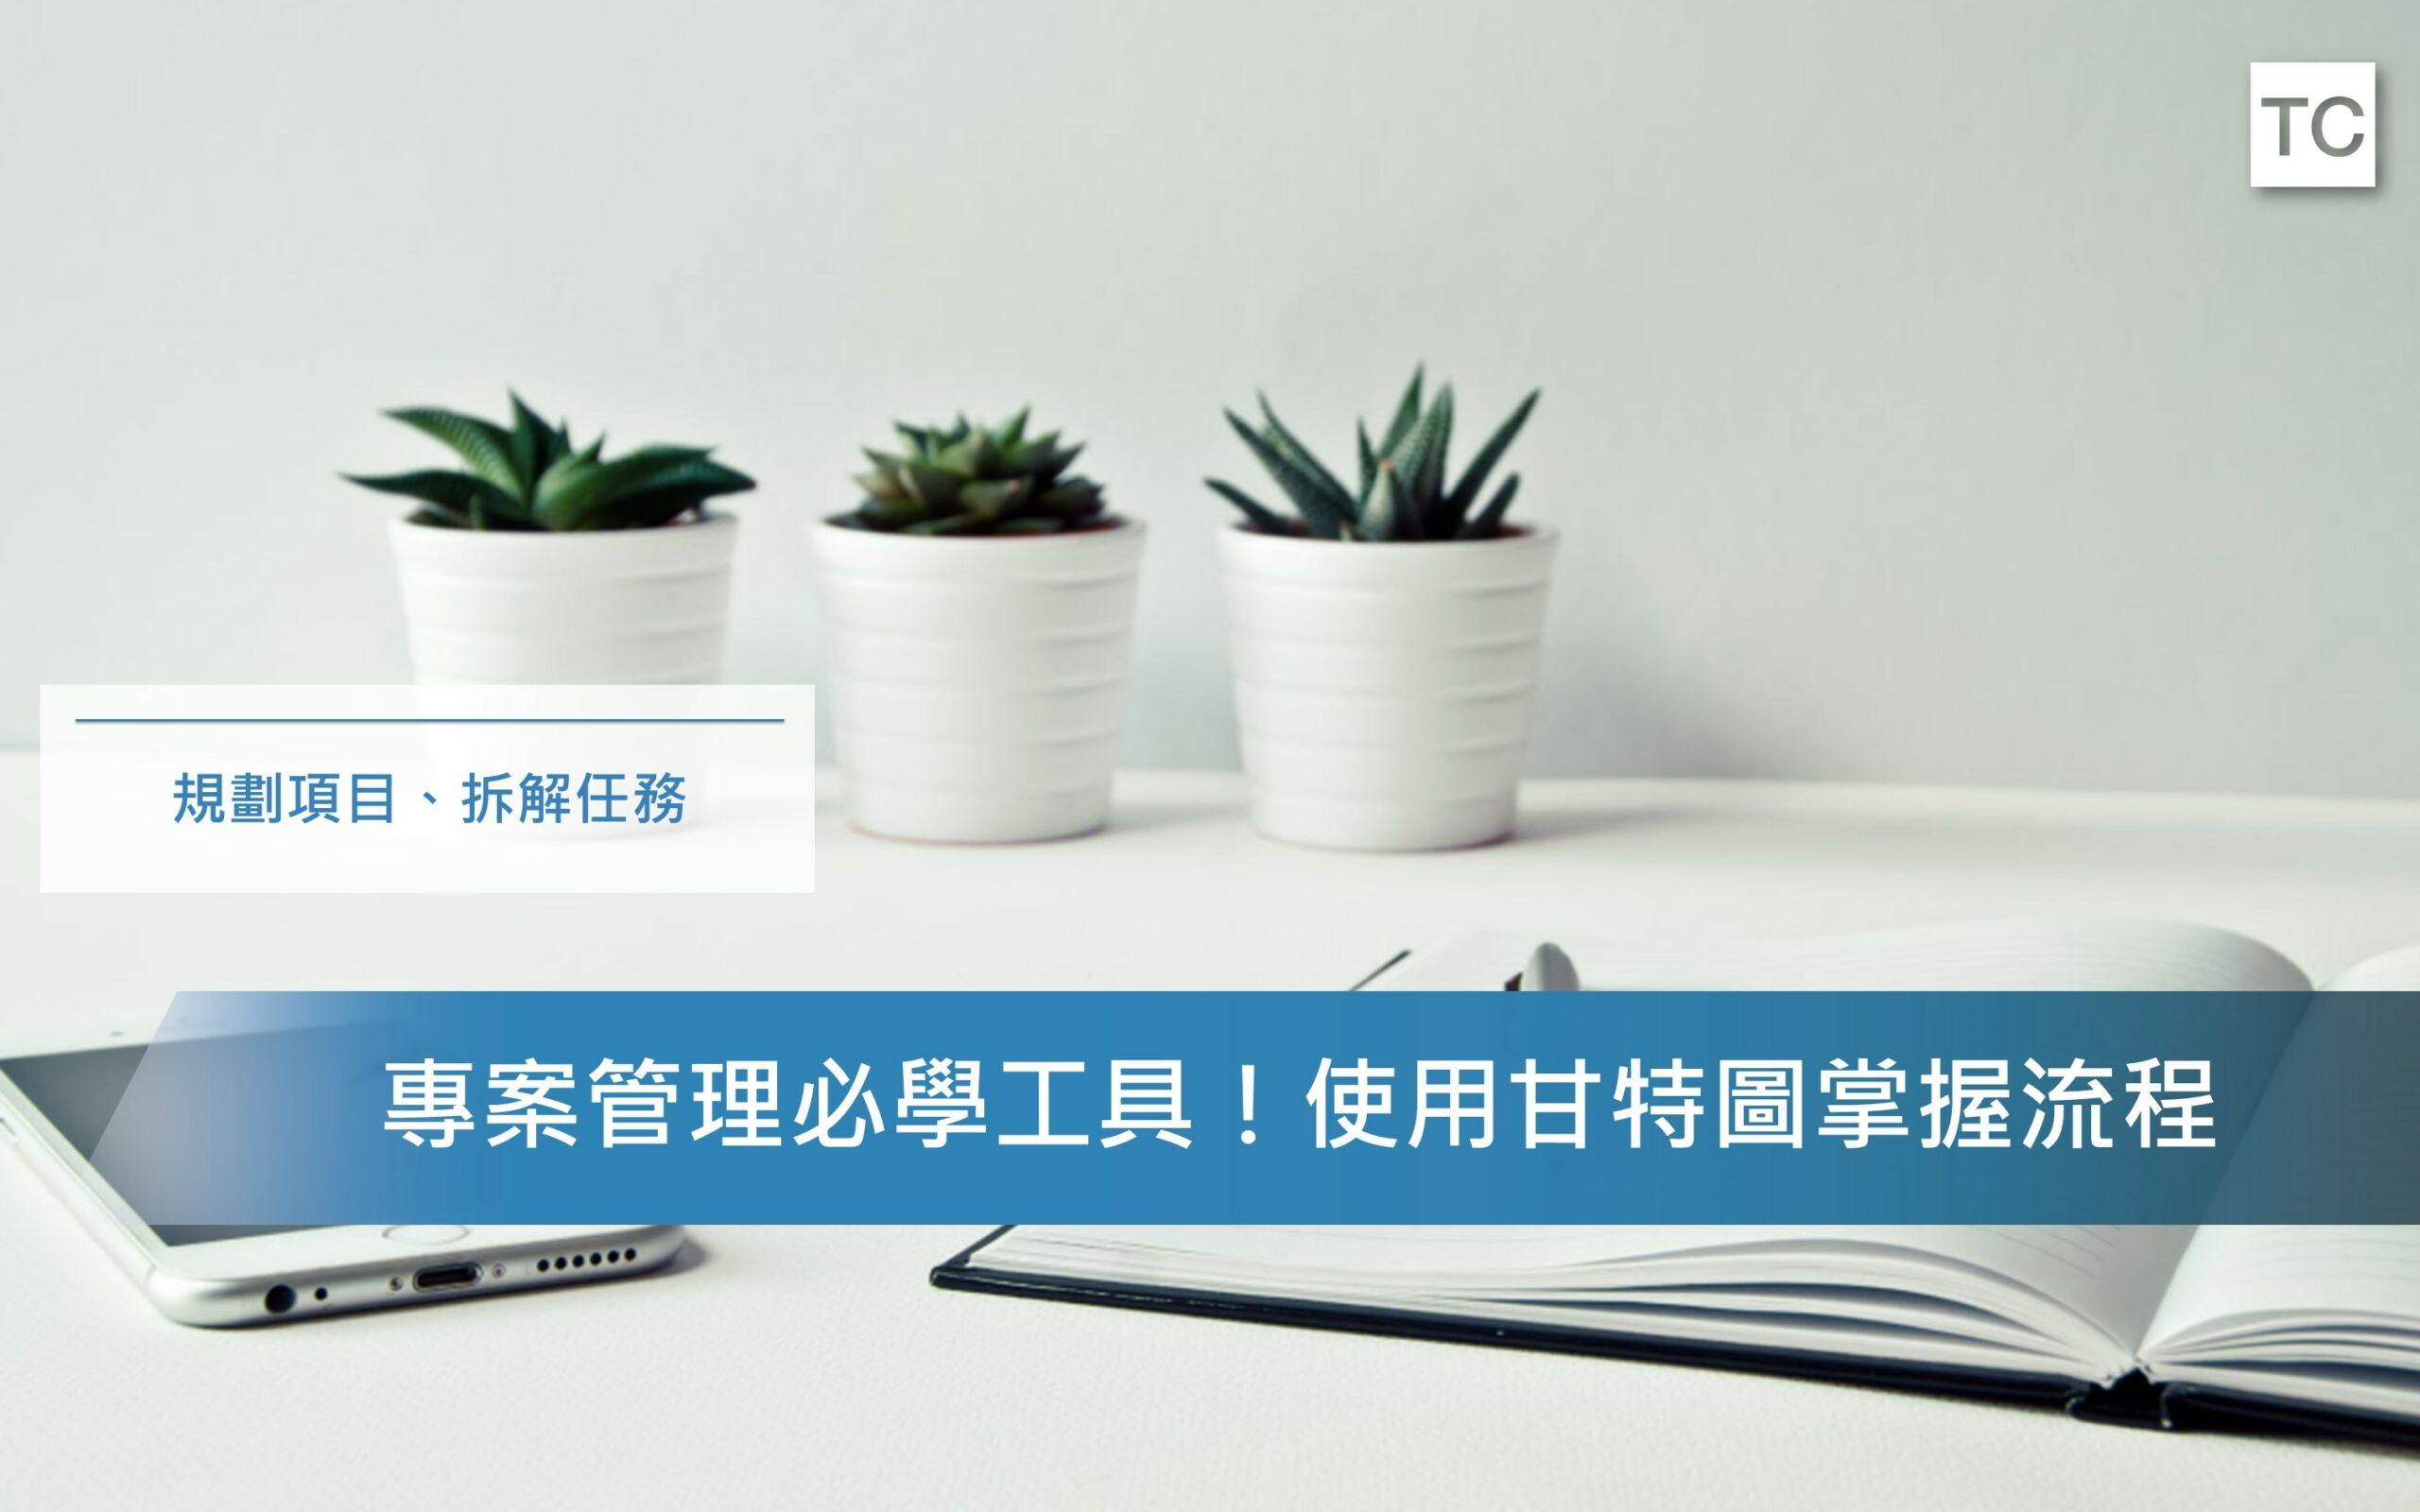 【專案企劃】project management必學!用甘特圖管理專案